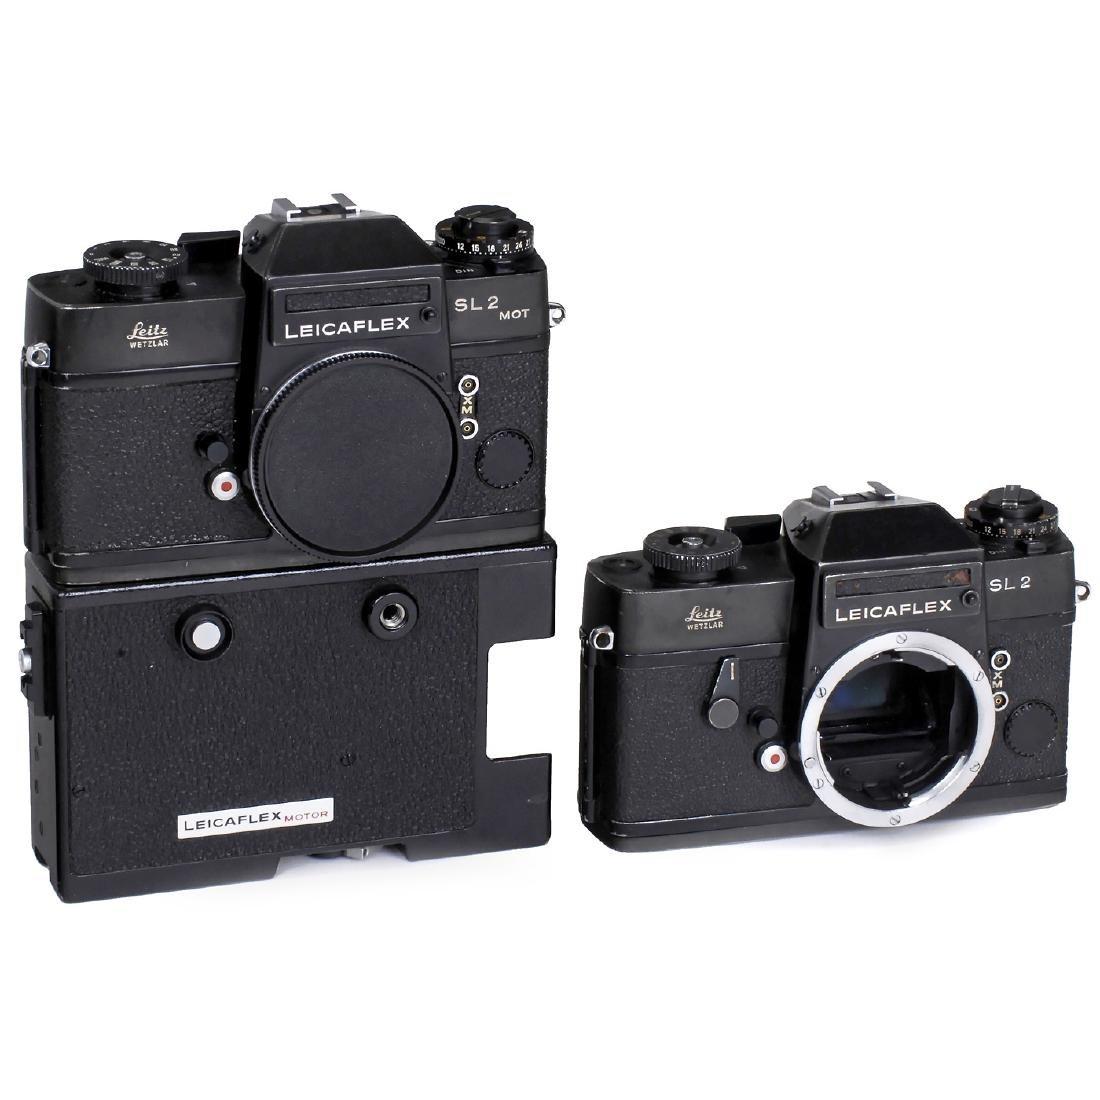 Leicaflex SL2 and SL2 Mot